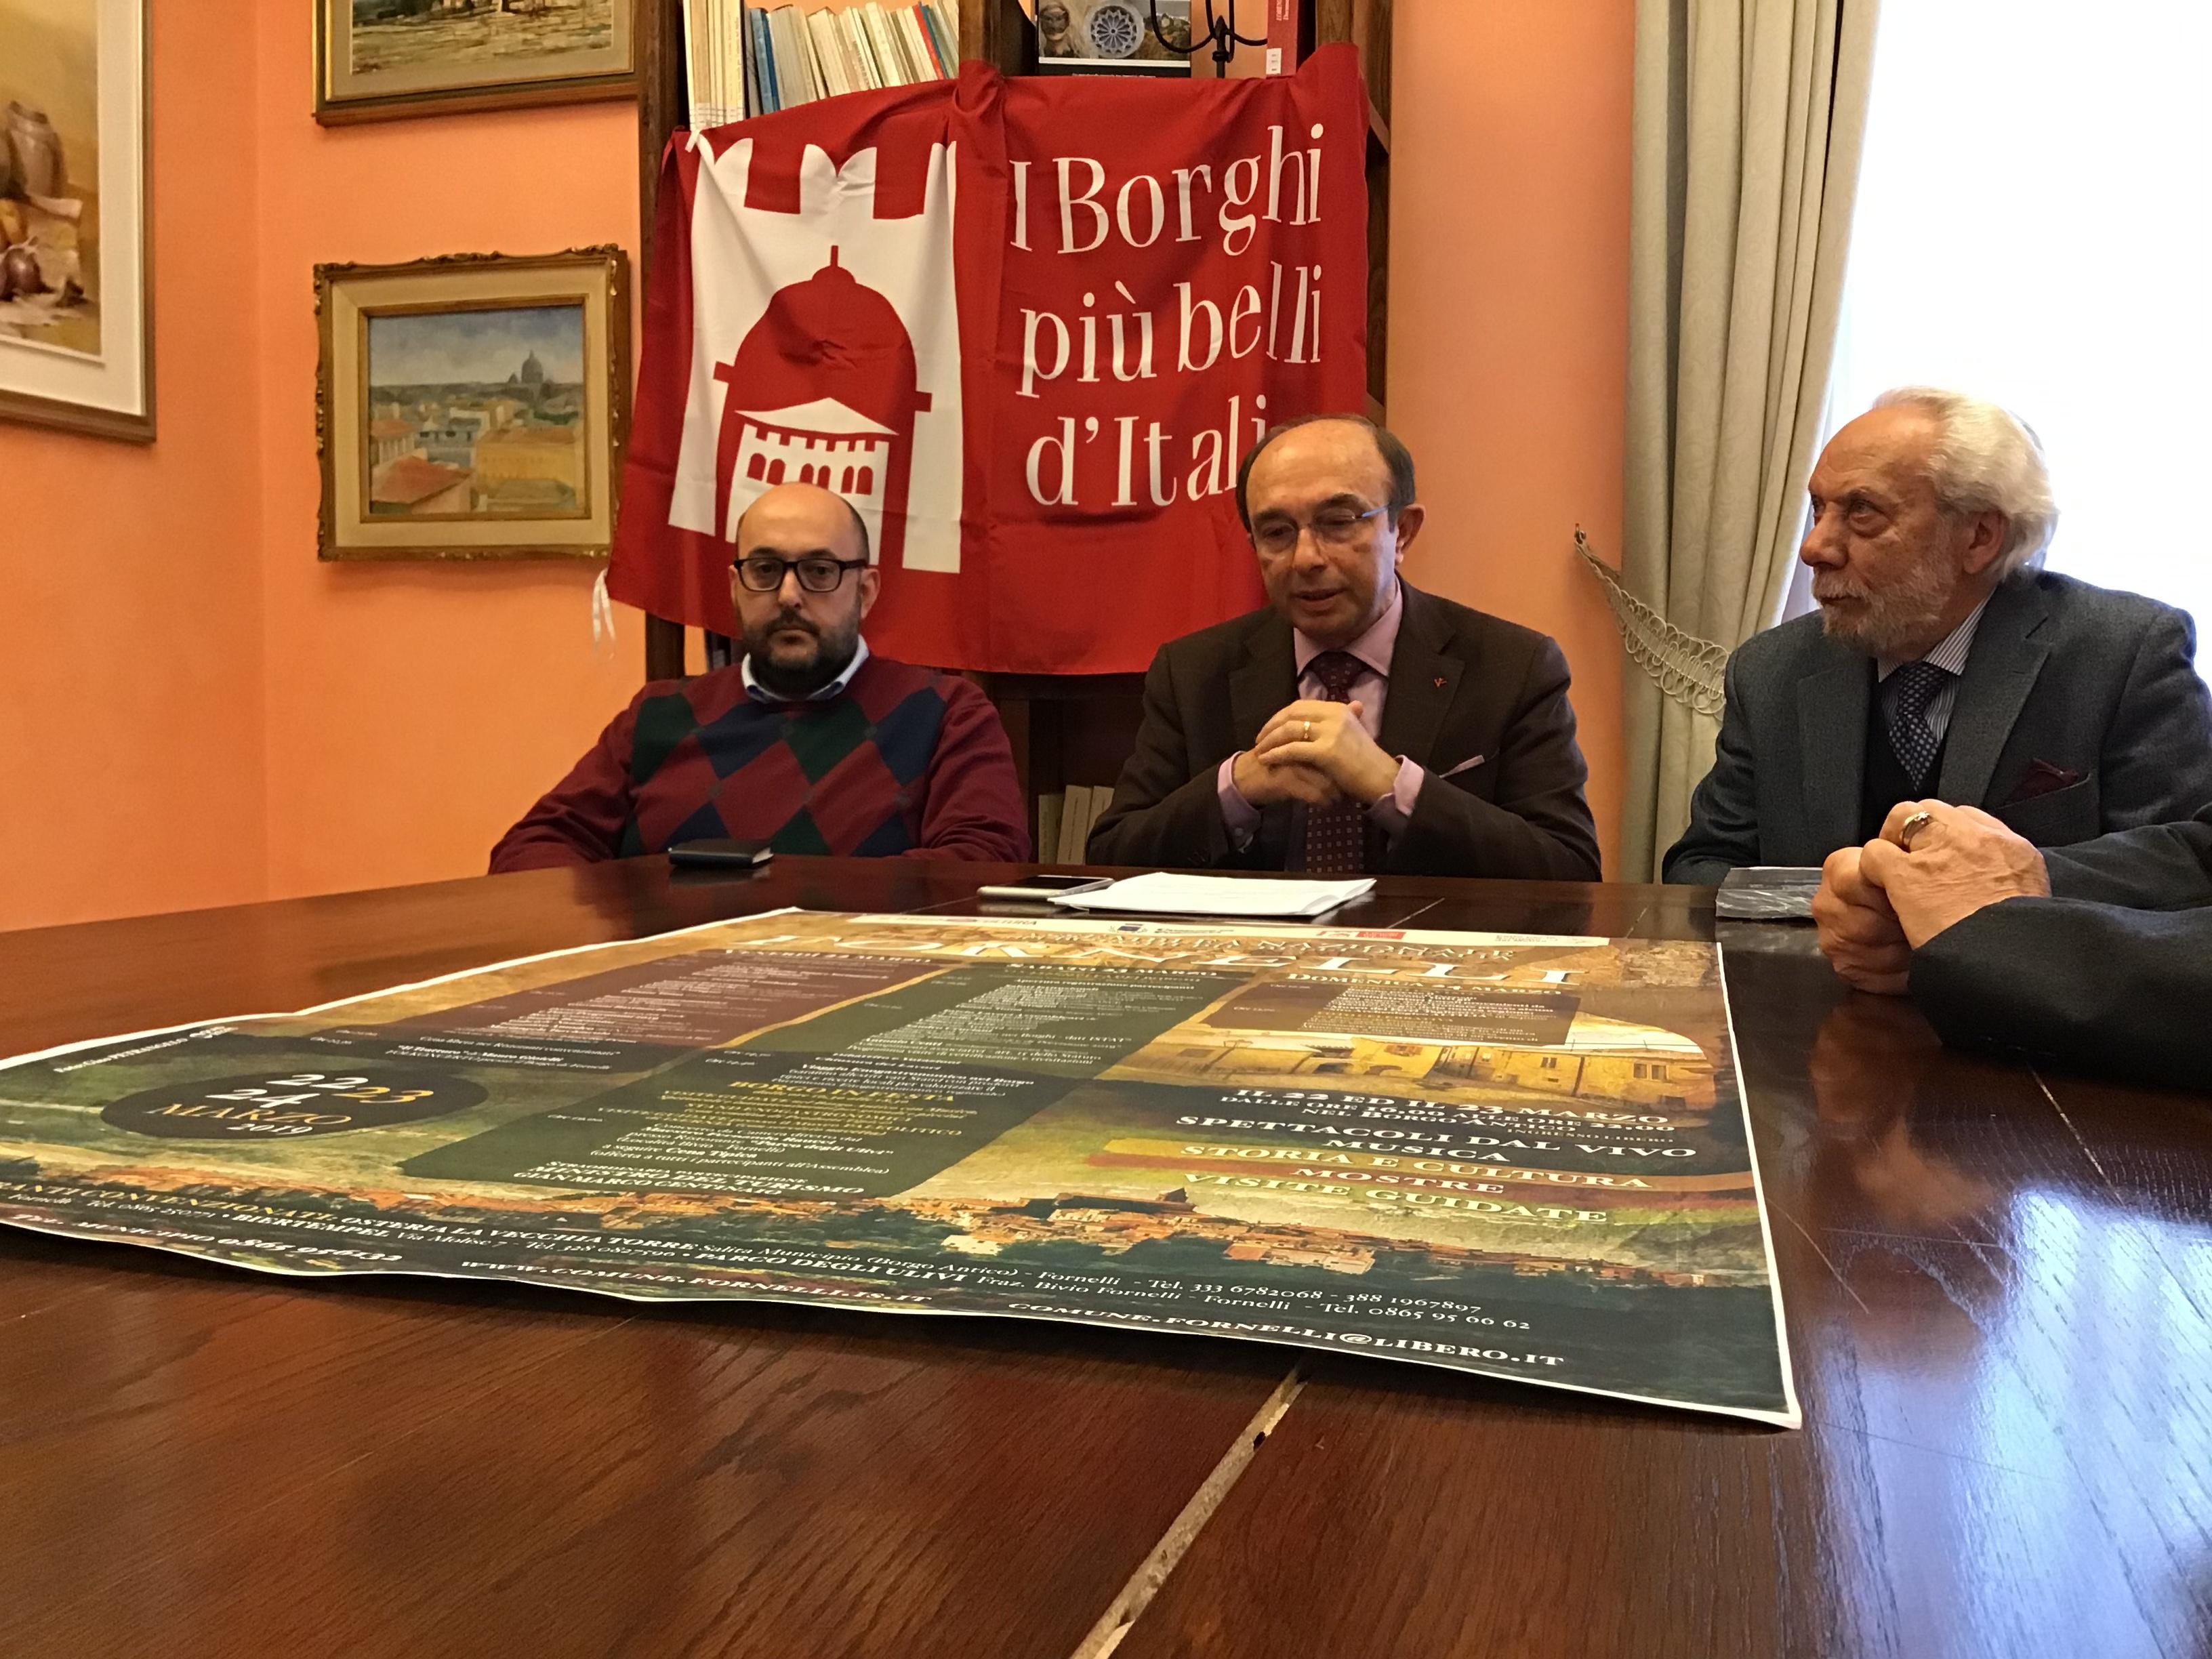 Assemblea Nazionale dei Borghi più Belli d'Italia.  Presentato questa mattina l'evento che si svolgerà a Fornelli dal 22 al 24 marzo 2019.